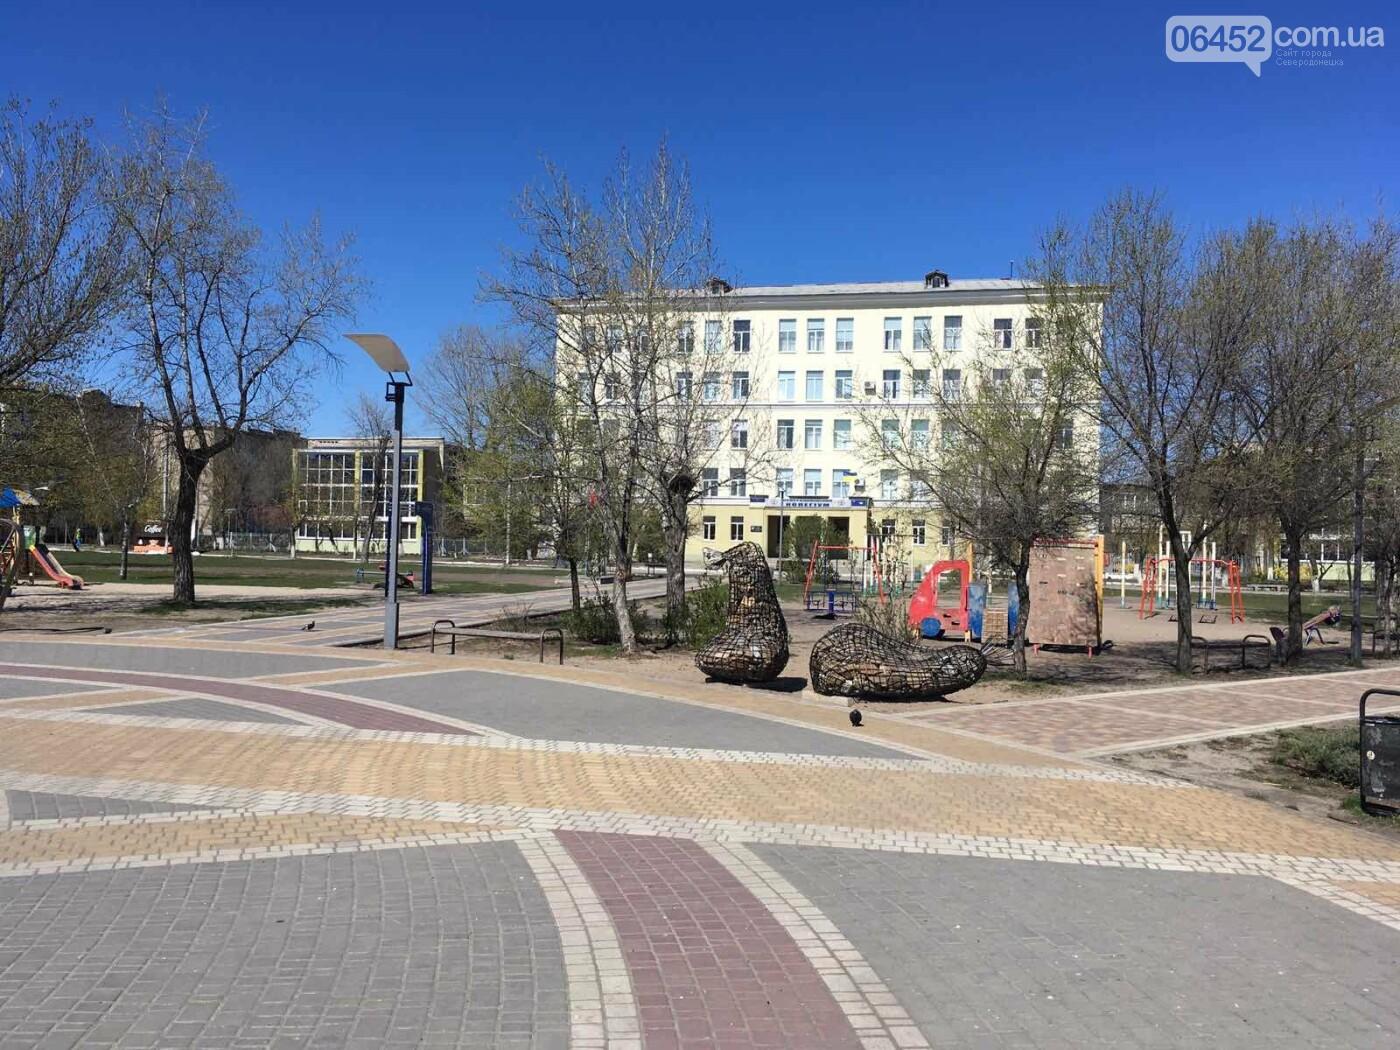 Власти Северодонецка требуют демонтировать стелу в сквере Гоголя, фото-2